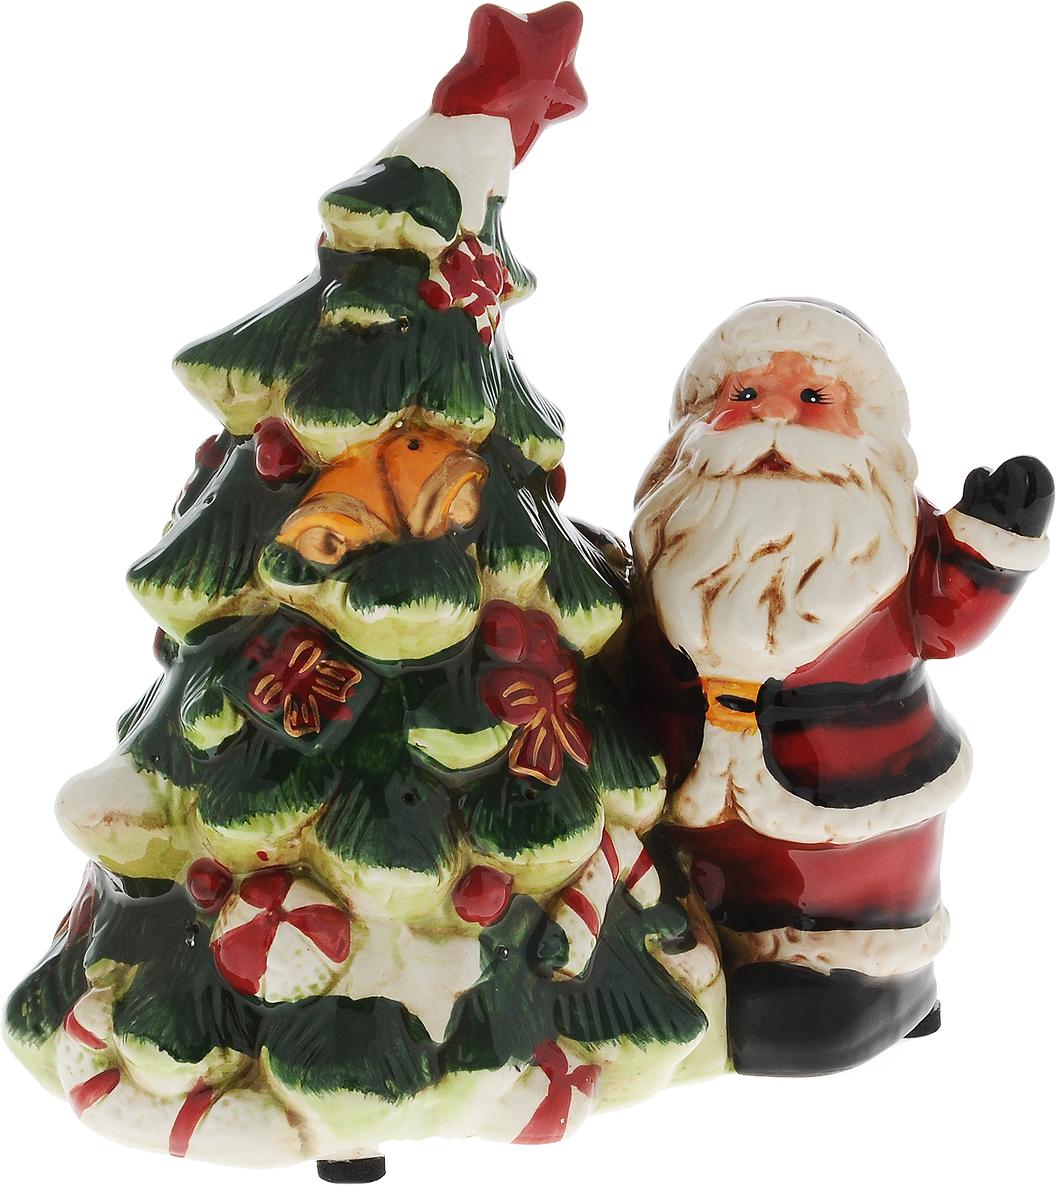 Светильник новогодний Win Max Дед Мороз, 19 х 12 х 20 см40045-1Декоративный новогодний светильник Win Max Дед Мороз, изготовленный из керамики. Он прекрасно оформит интерьер вашего дома или офиса в преддверии Нового года. Оригинальный дизайн и красочное исполнение создадут праздничное настроение. Кроме того, это отличный вариант подарка для ваших близких и друзей.Светильник работает от 3 батареек типа AАA (не входят в комплект).